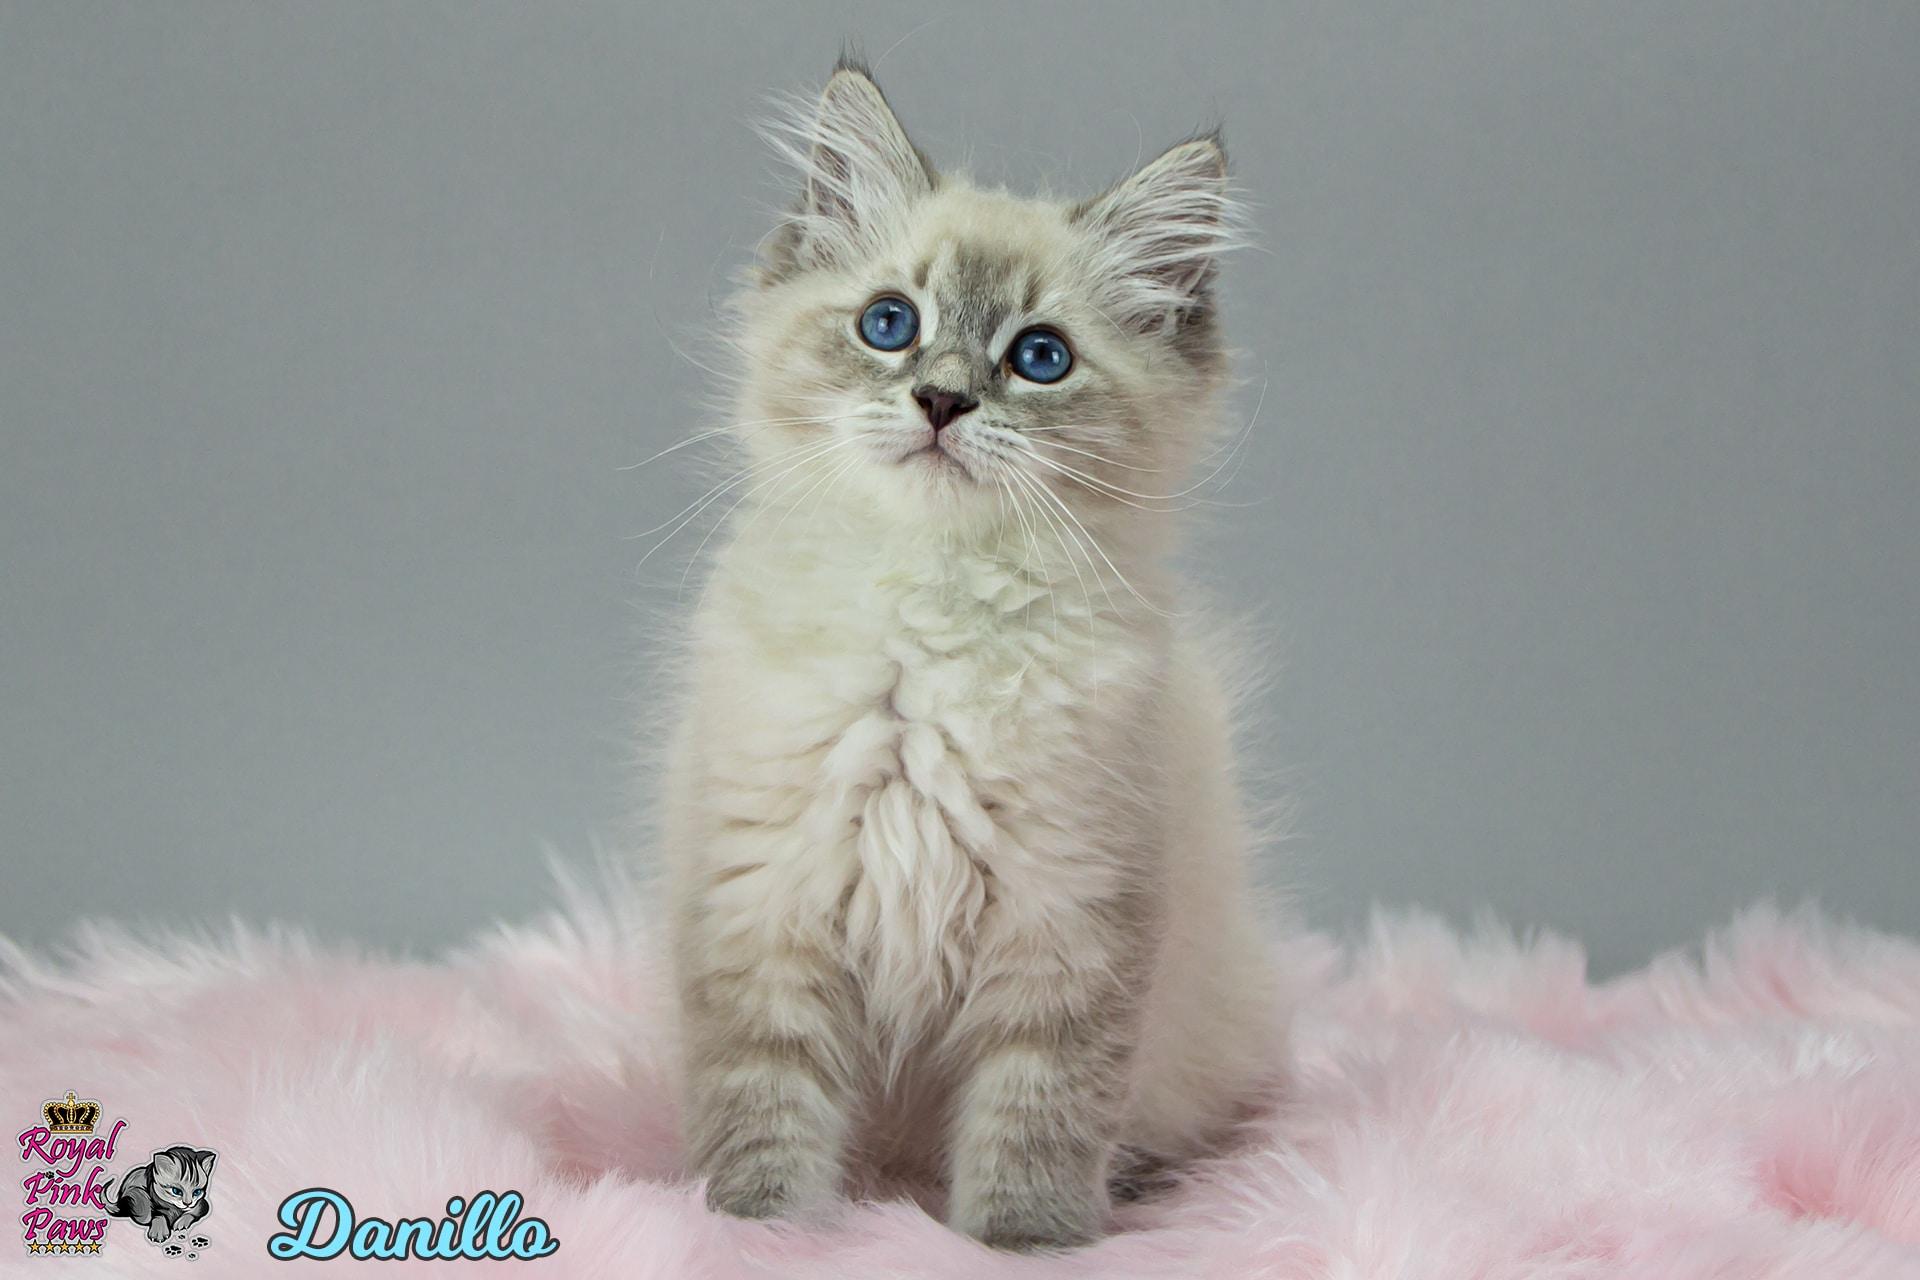 Neva Masquarade - Danillo Royal Pink Paws